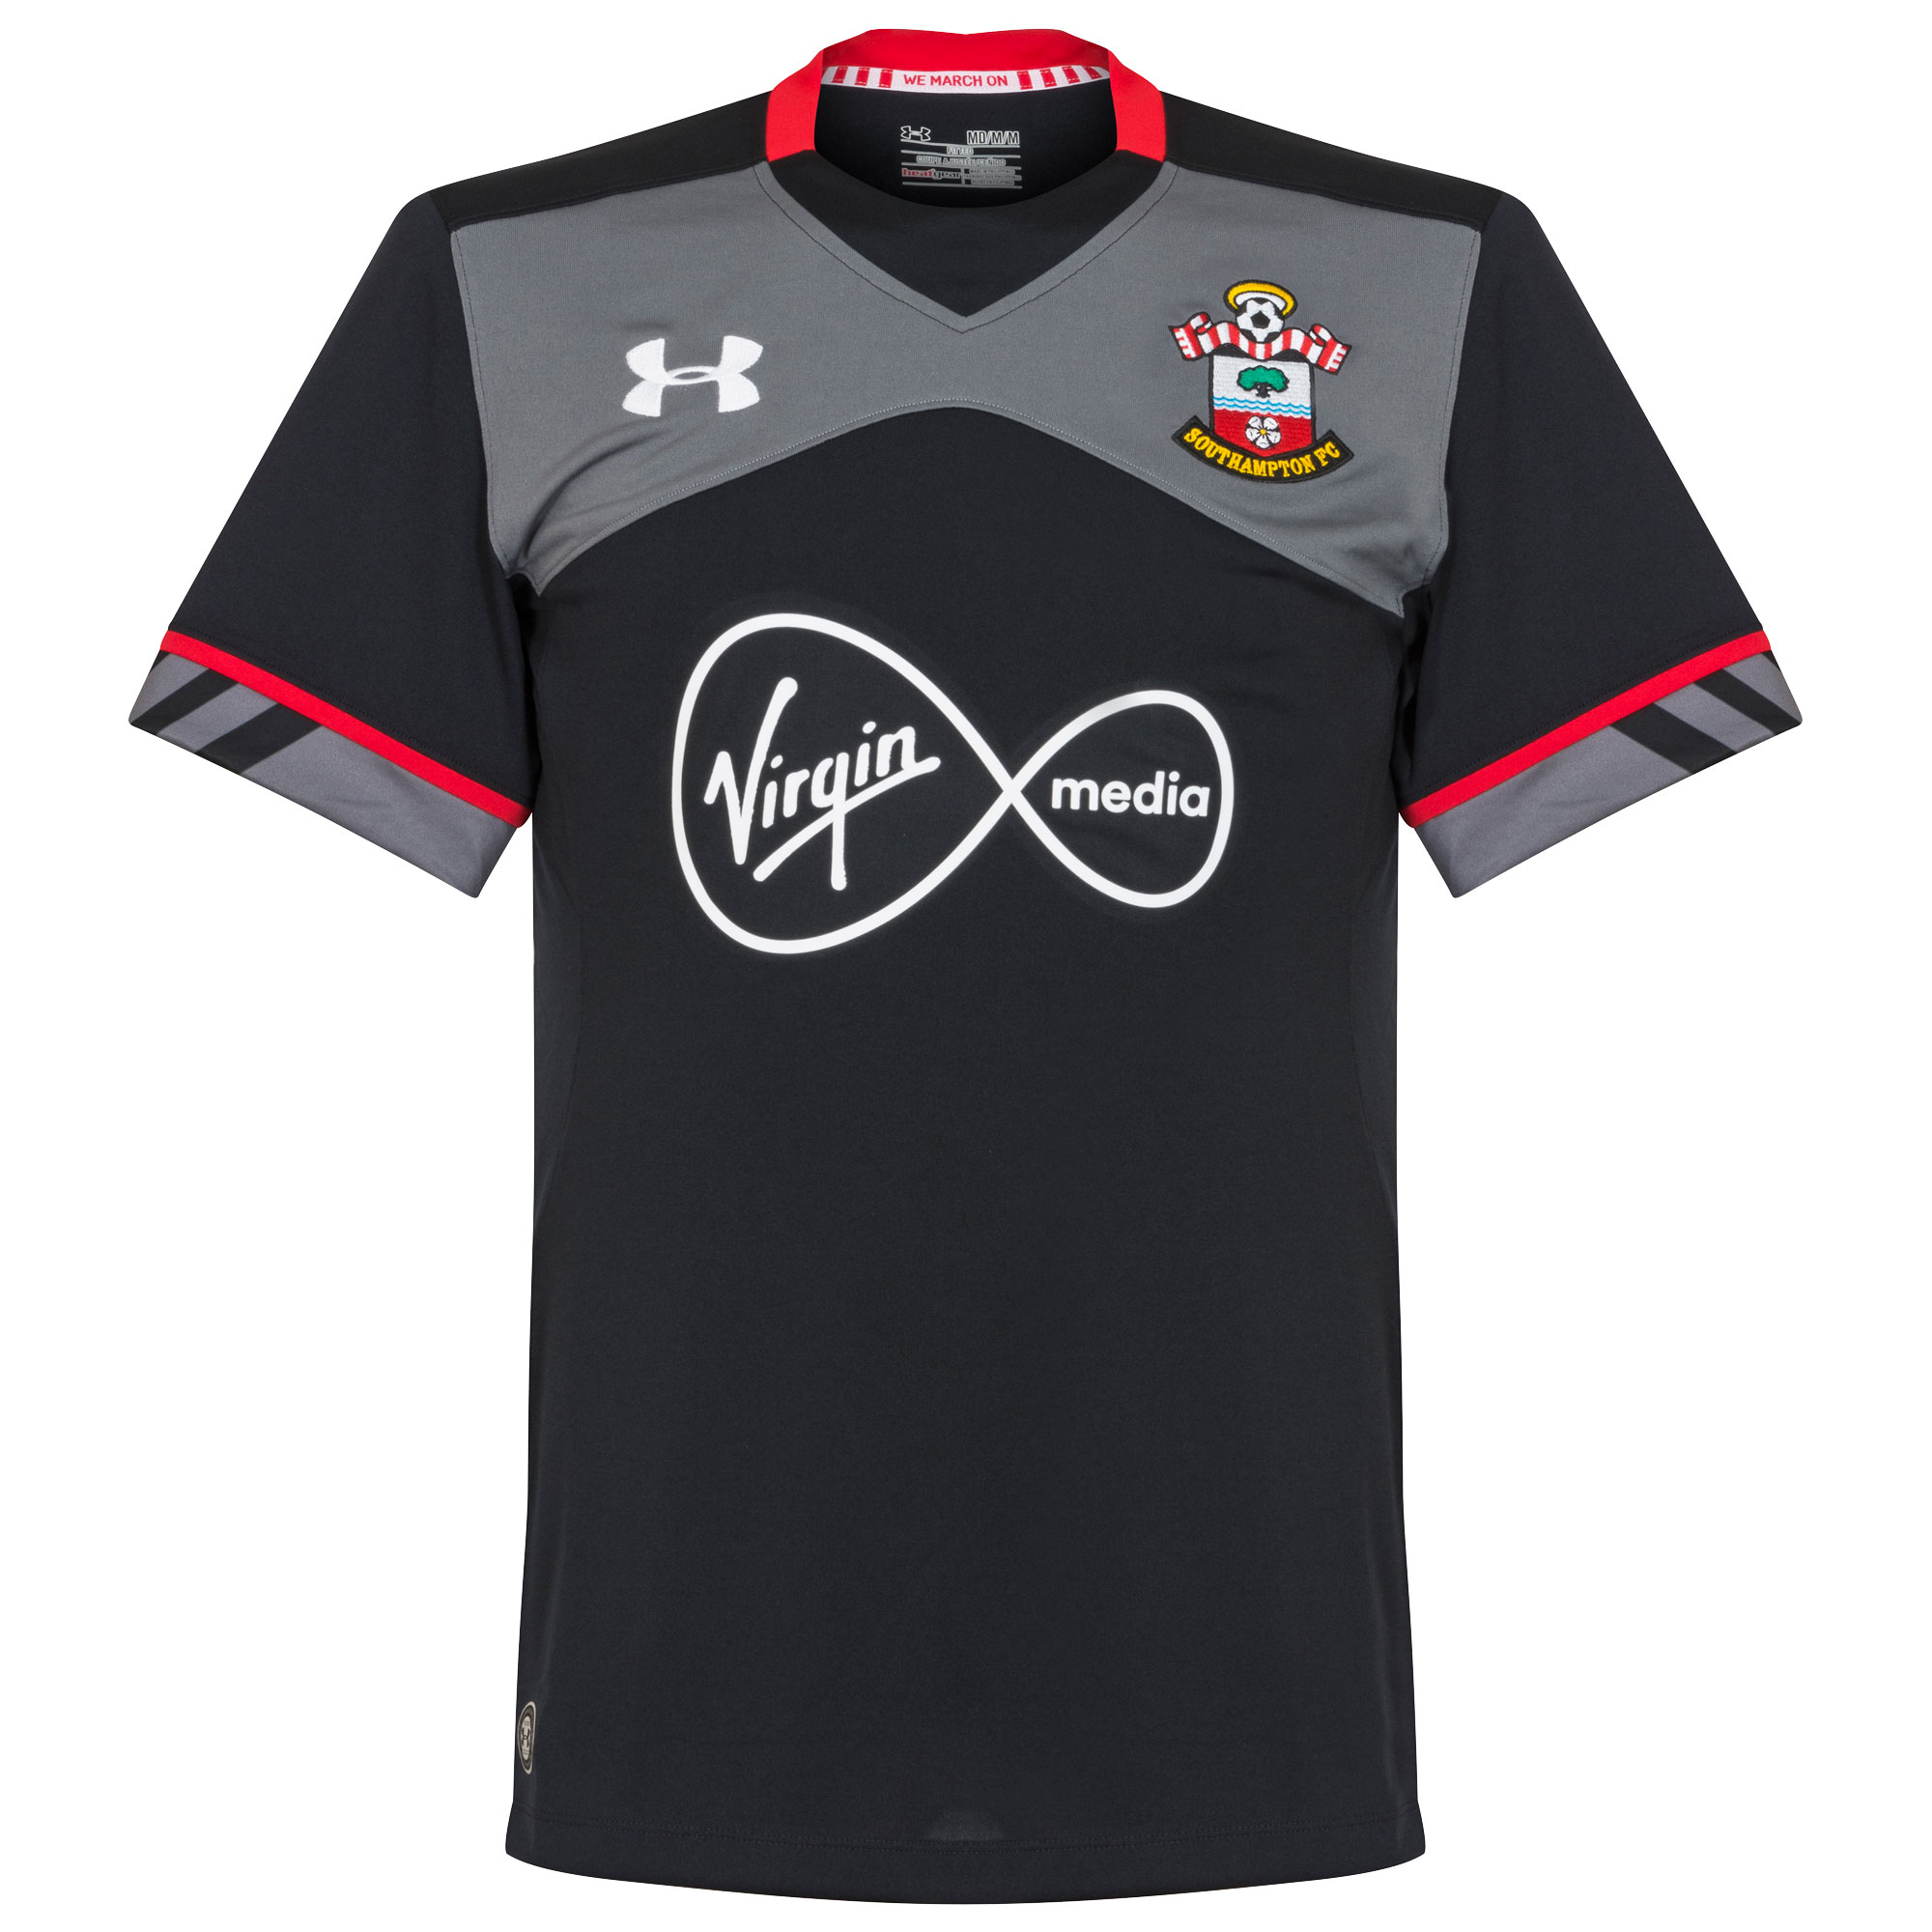 Southampton Away Jersey 2016 / 2017 - M